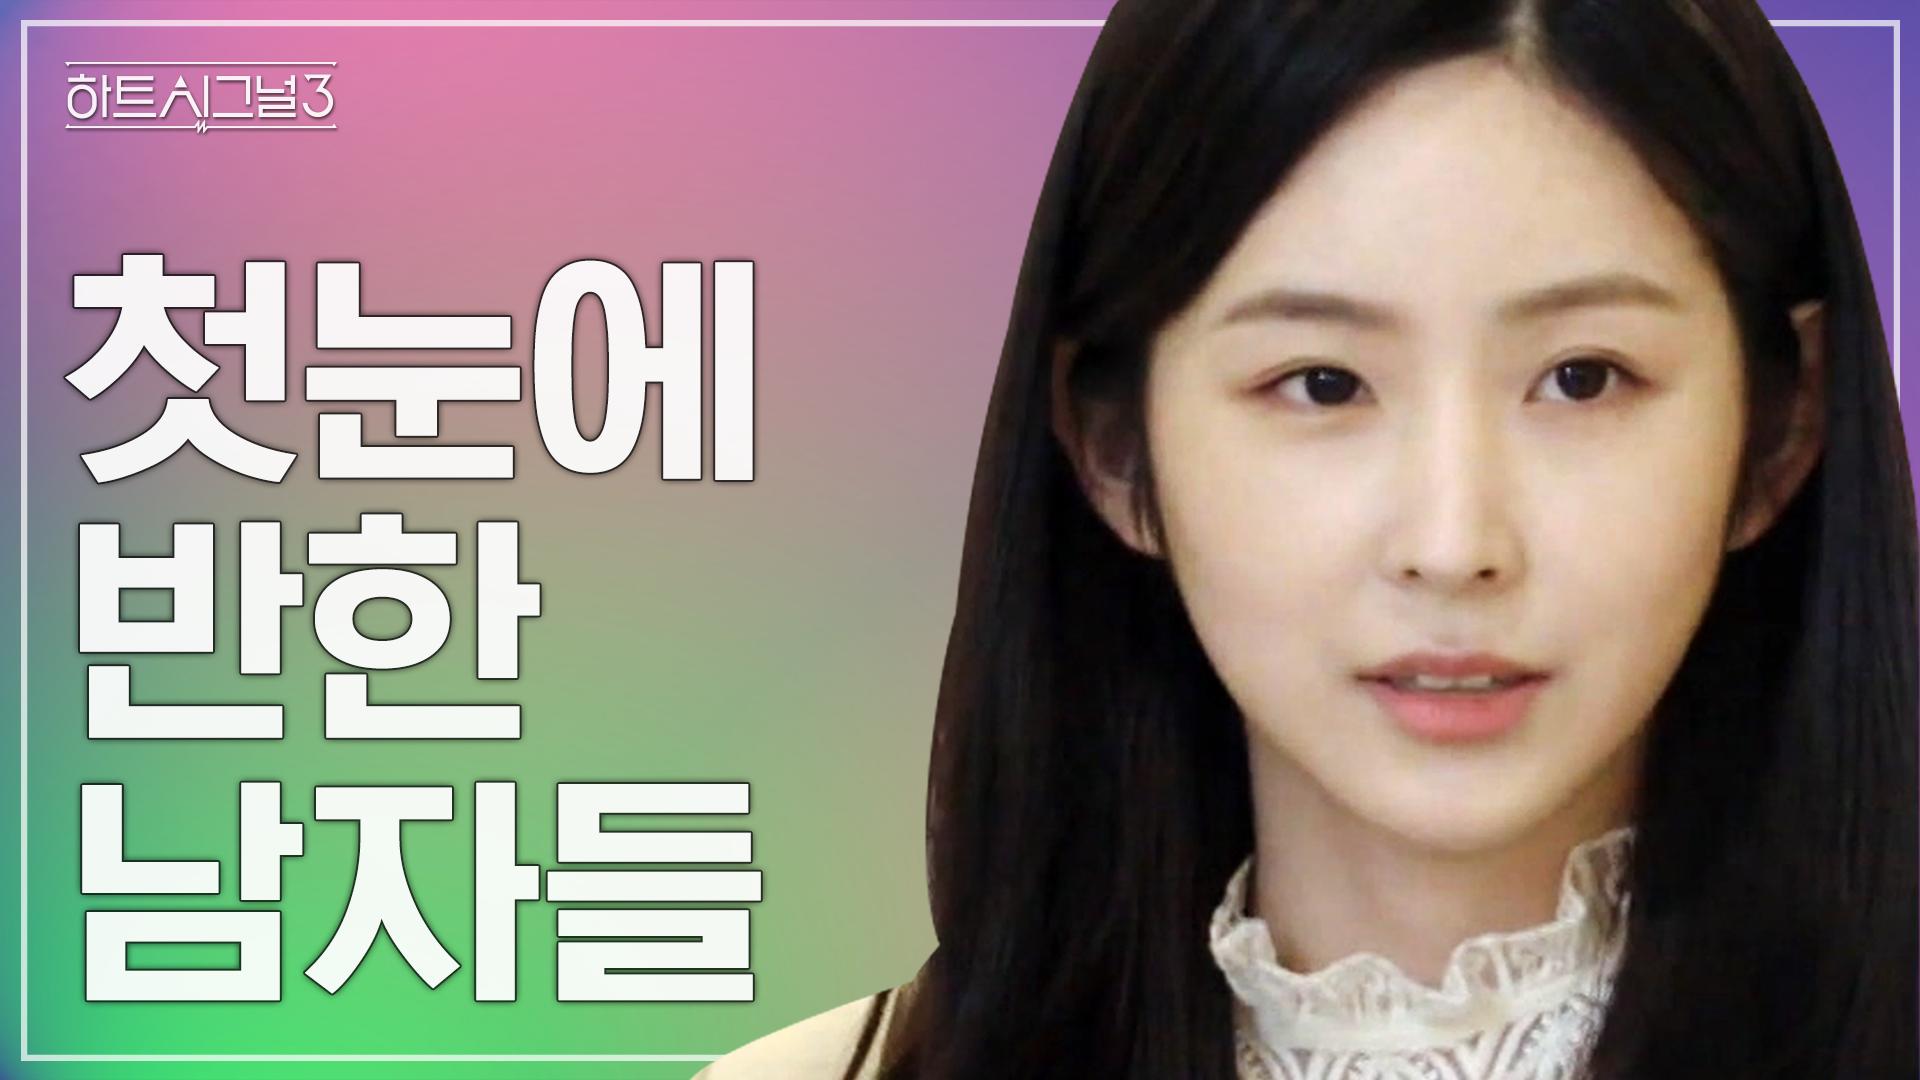 [#러브시그널] 남자의 본능적인 '두 번째' 시선! 동공지진 일으킨 박지현 미모..♥ 이미지